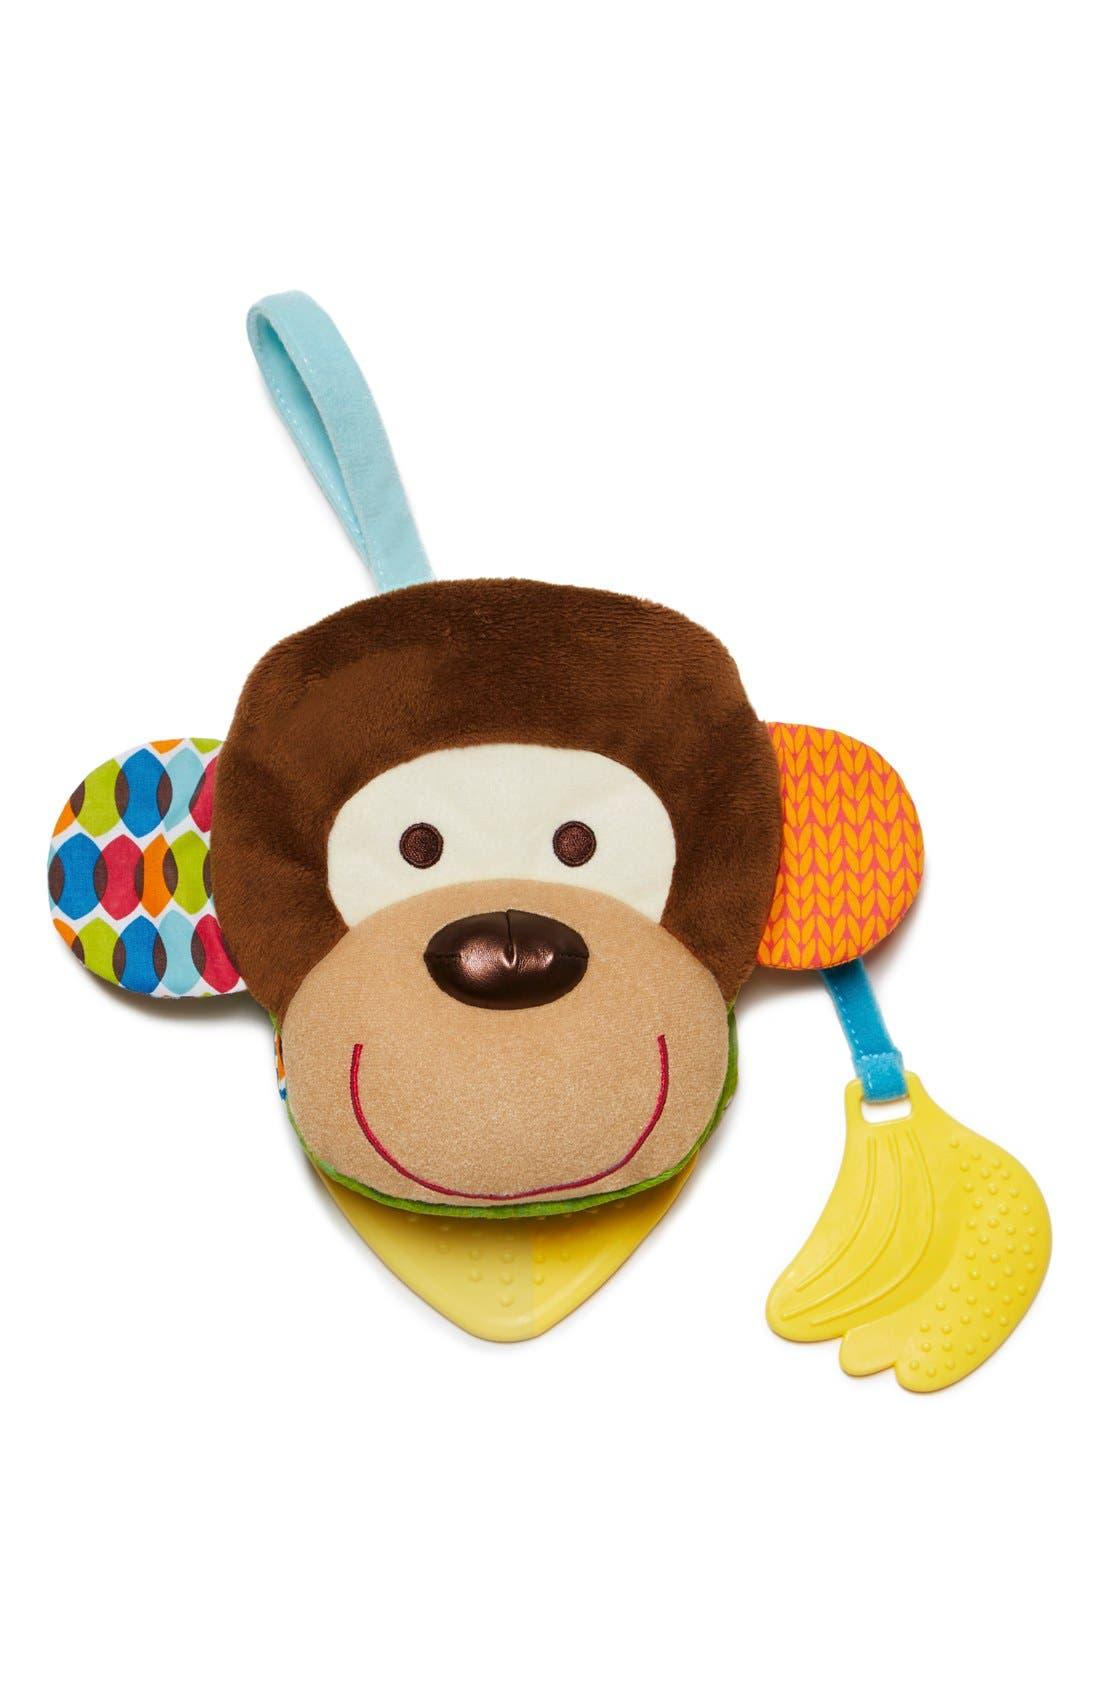 SKIP HOP 'Bandana Buddies' Monkey Puppet Book